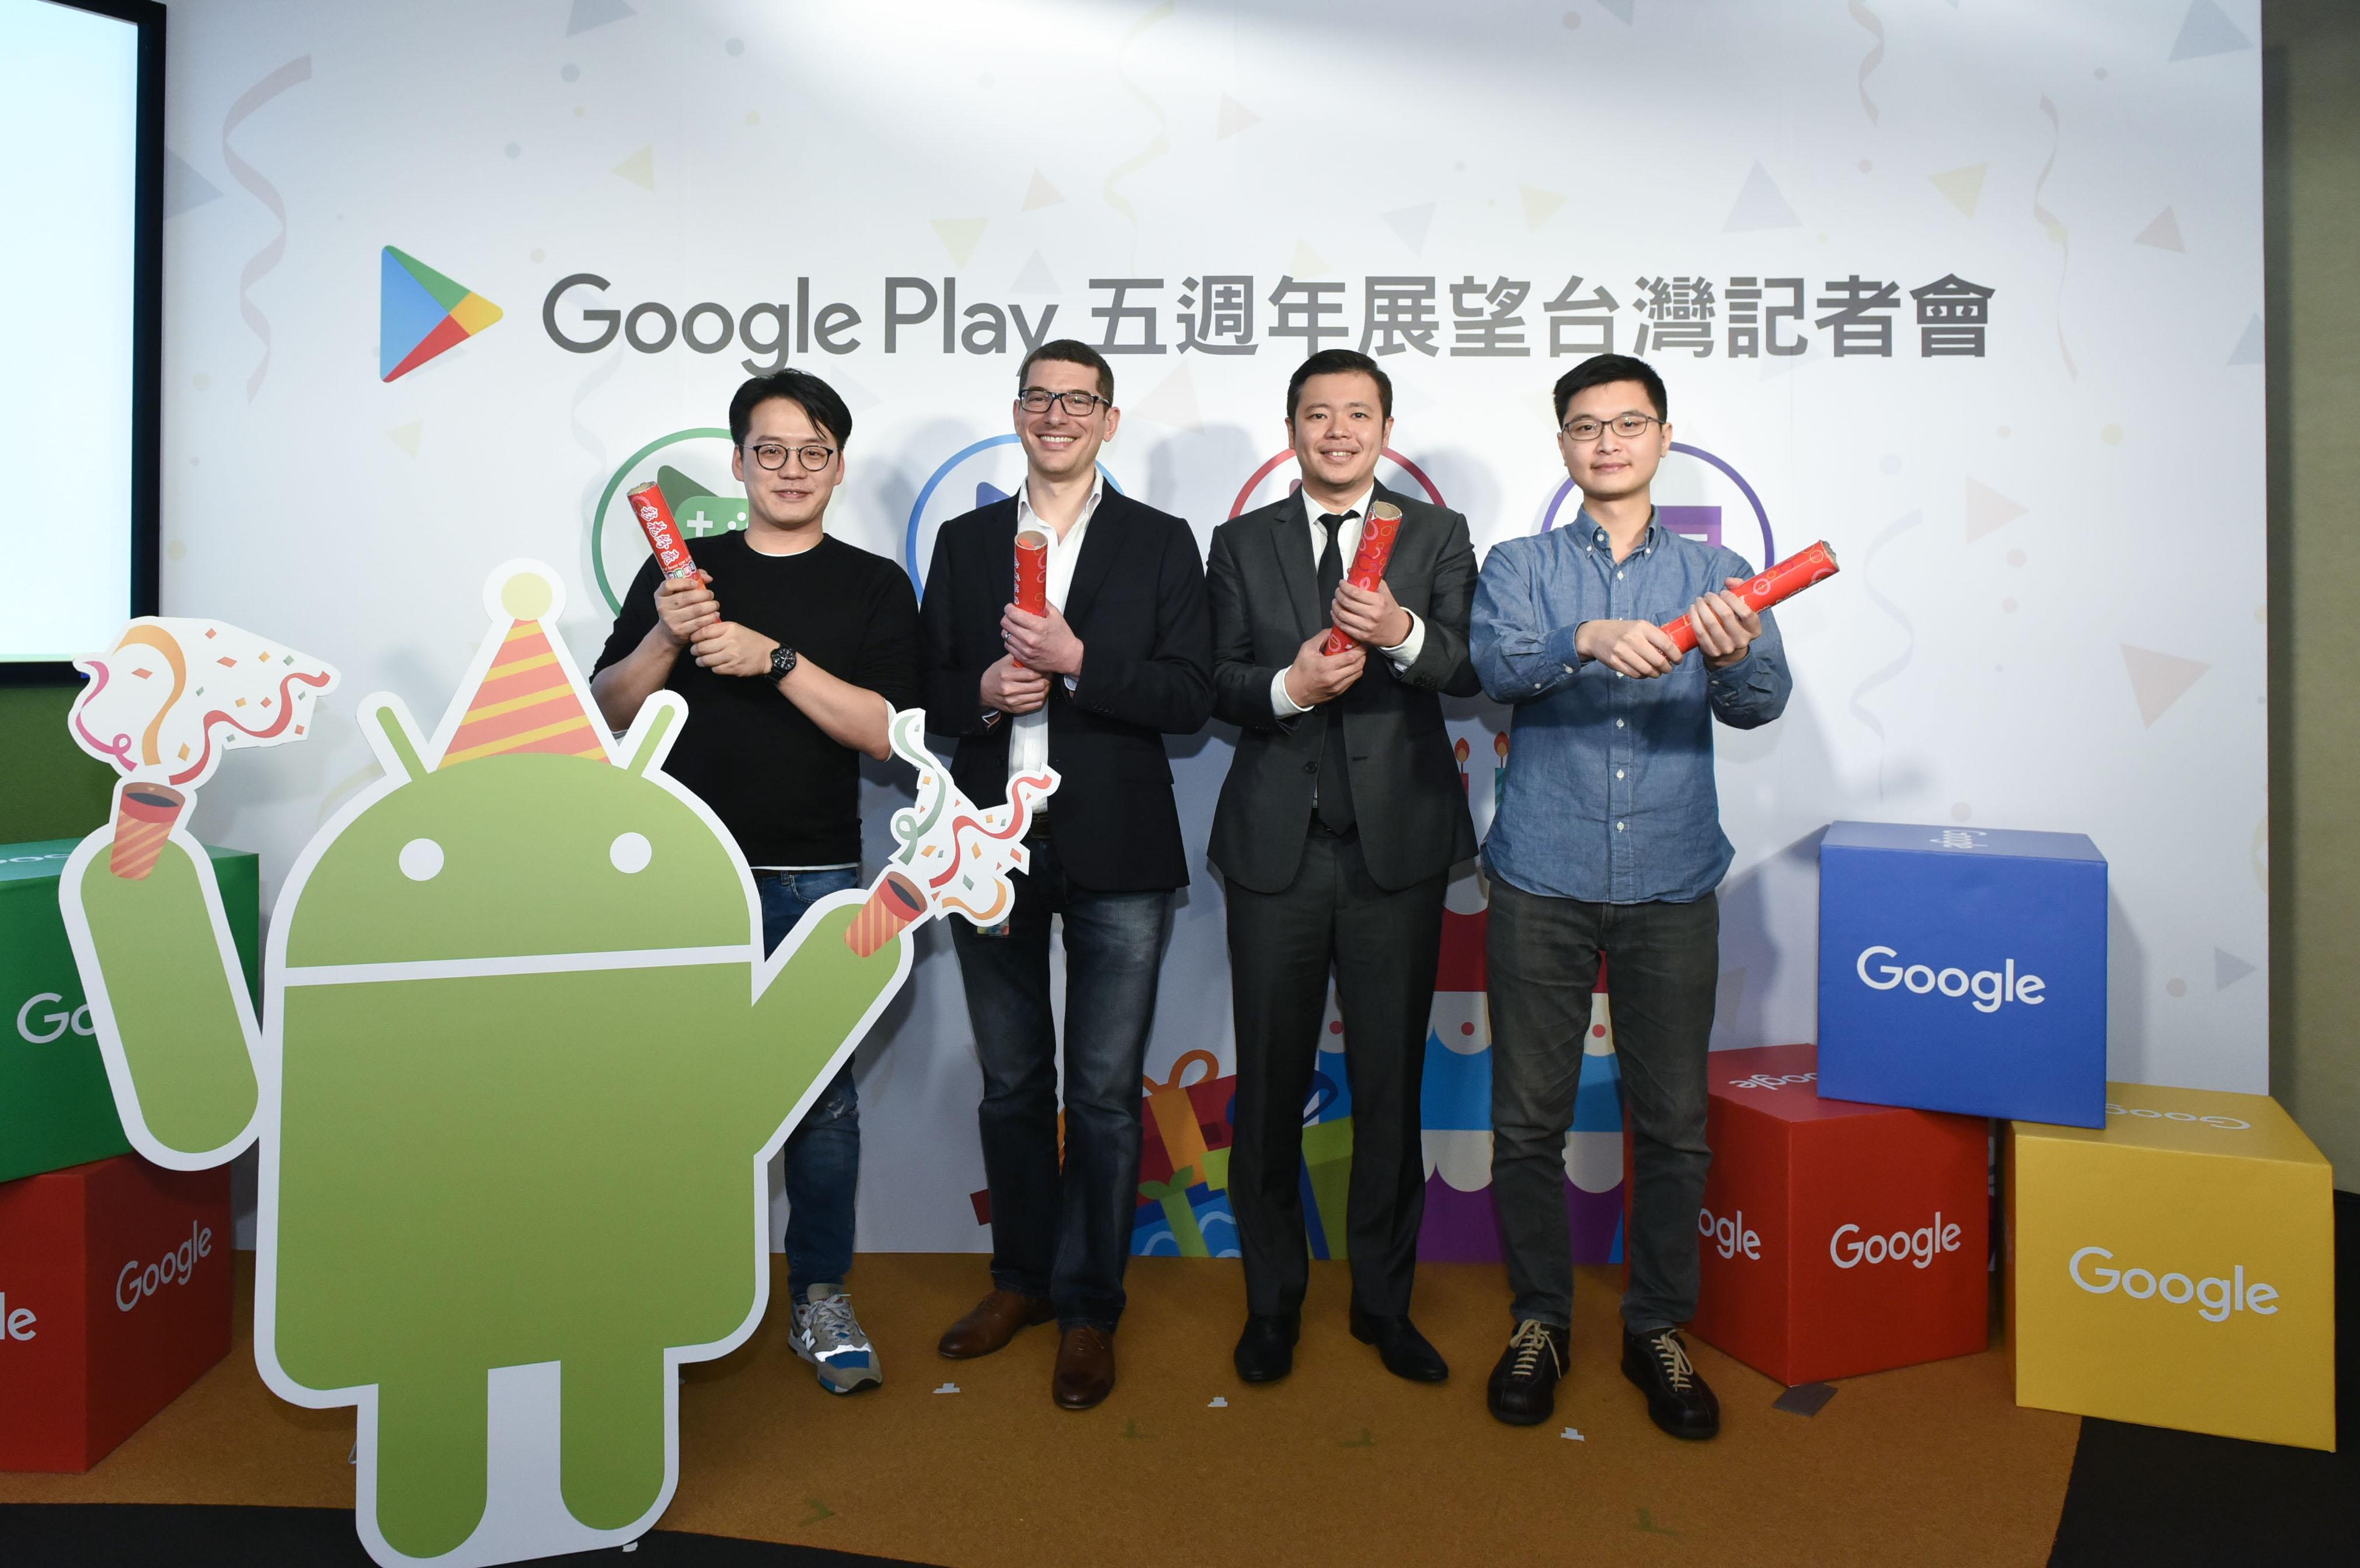 Google Play 歡慶五週年!推出「MIT 台灣開發遊戲專區」